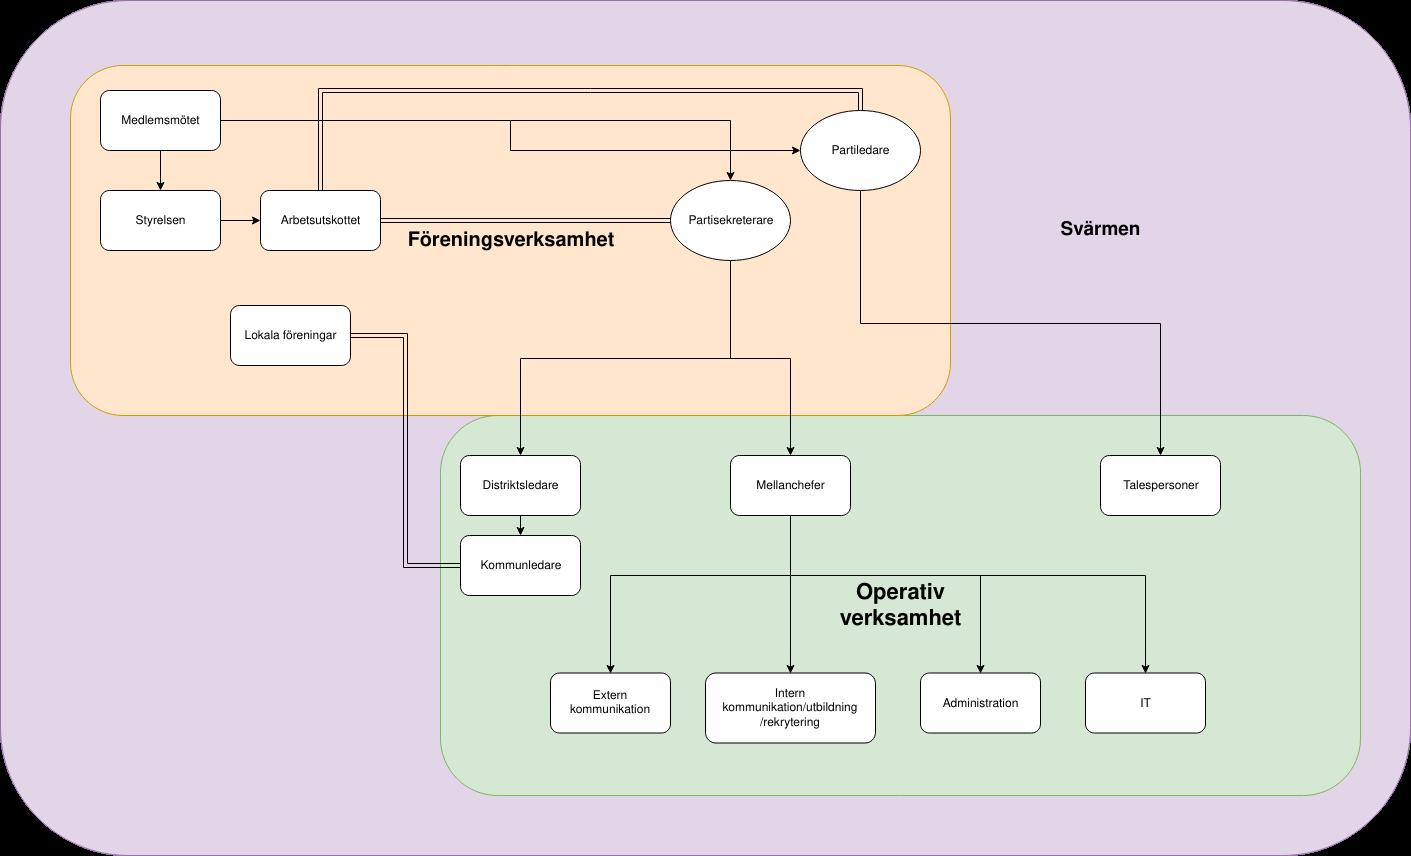 Piratpartiets organisationsstruktur